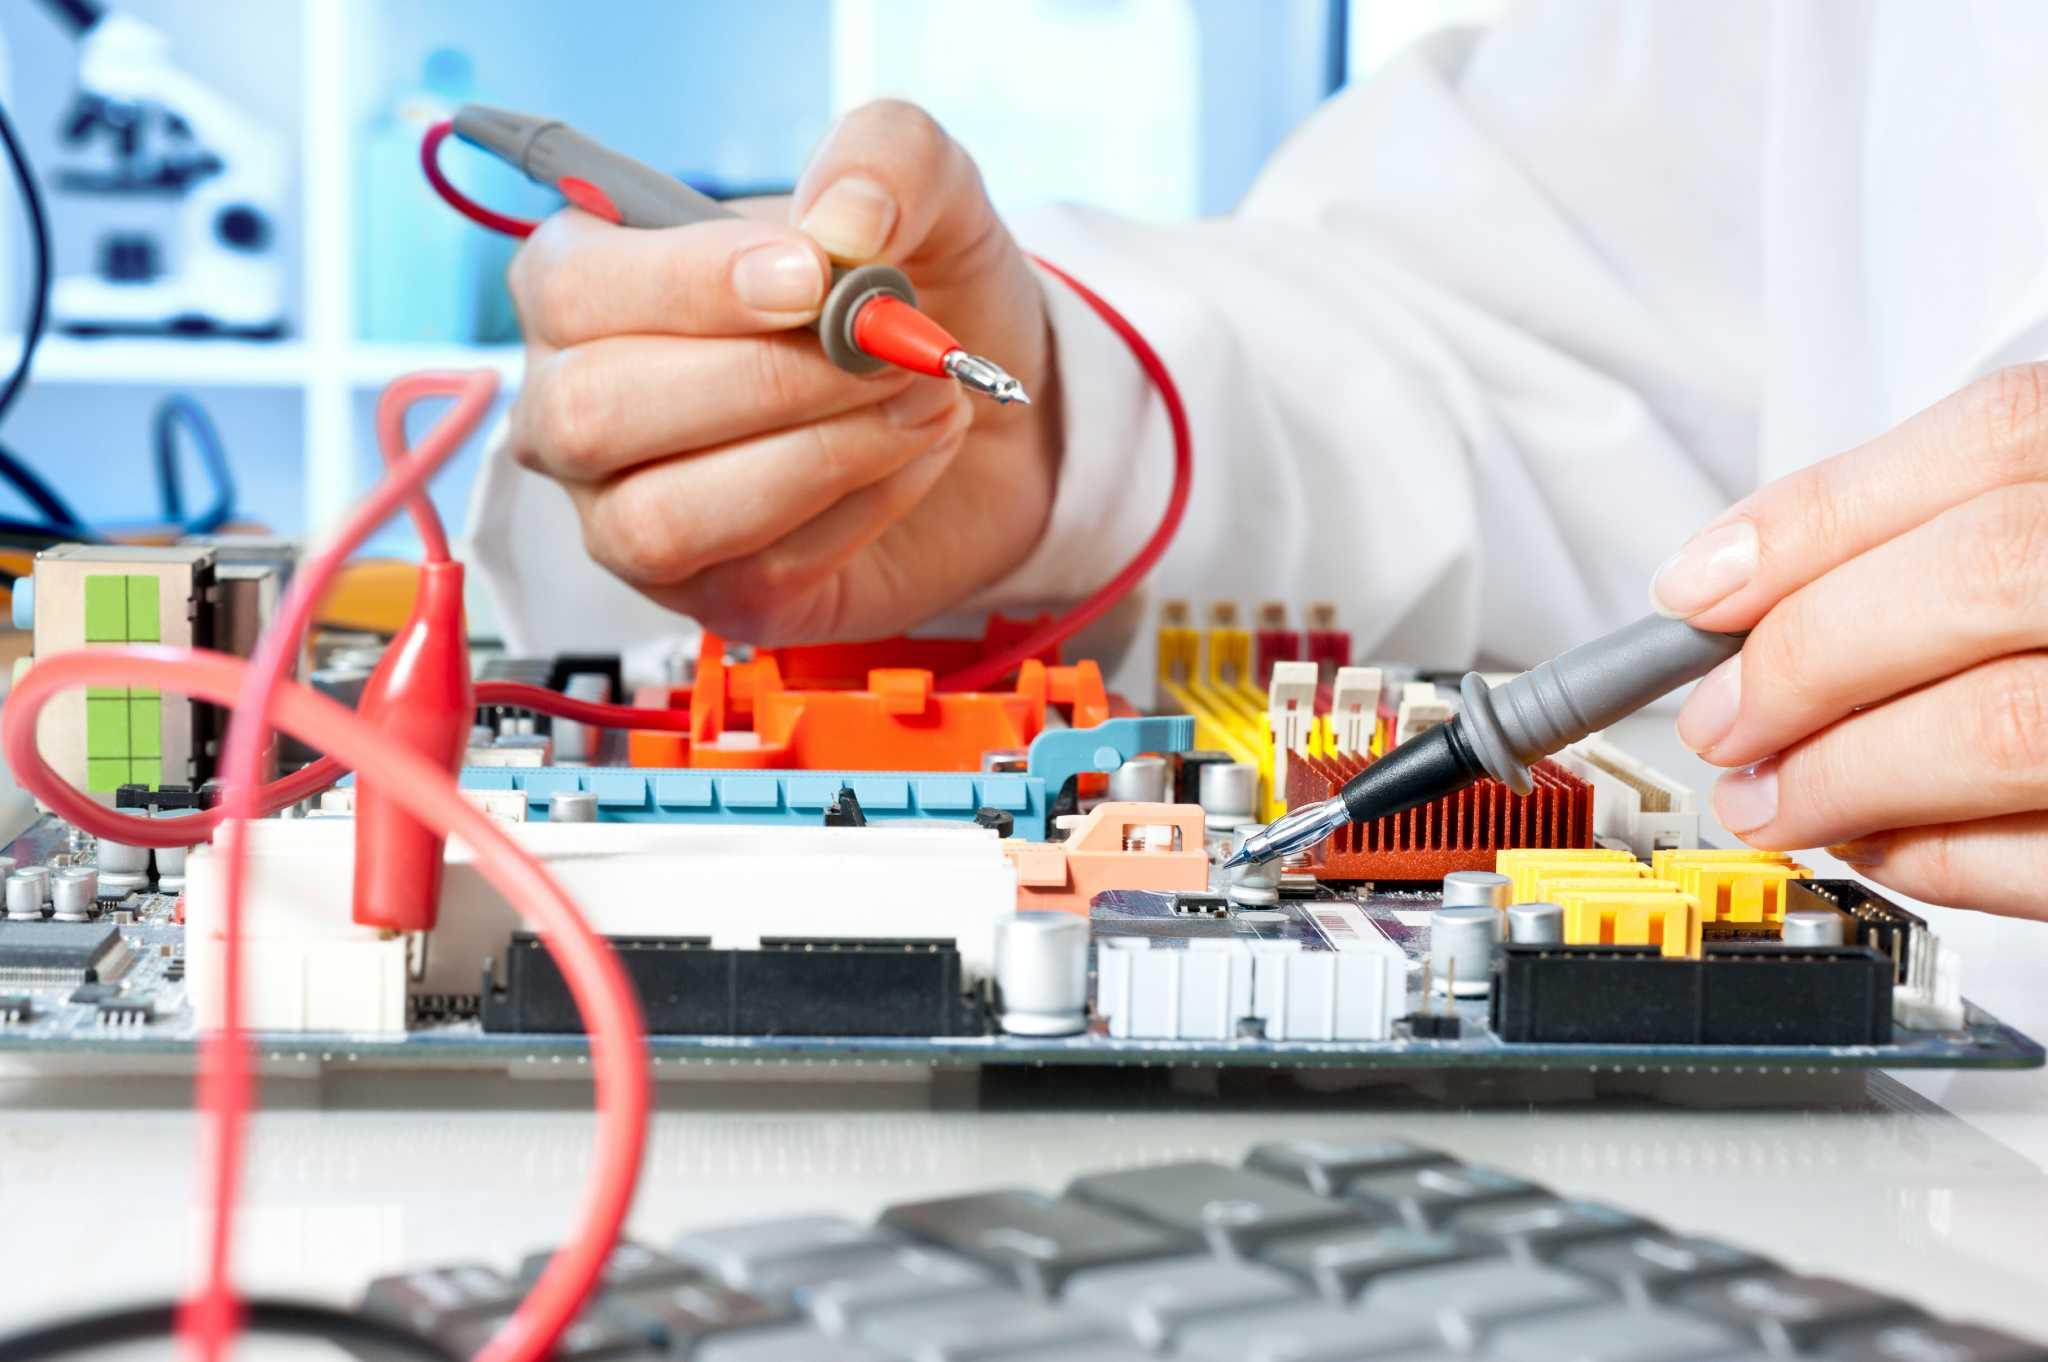 Какой инструмент нужен для работы с электроникой